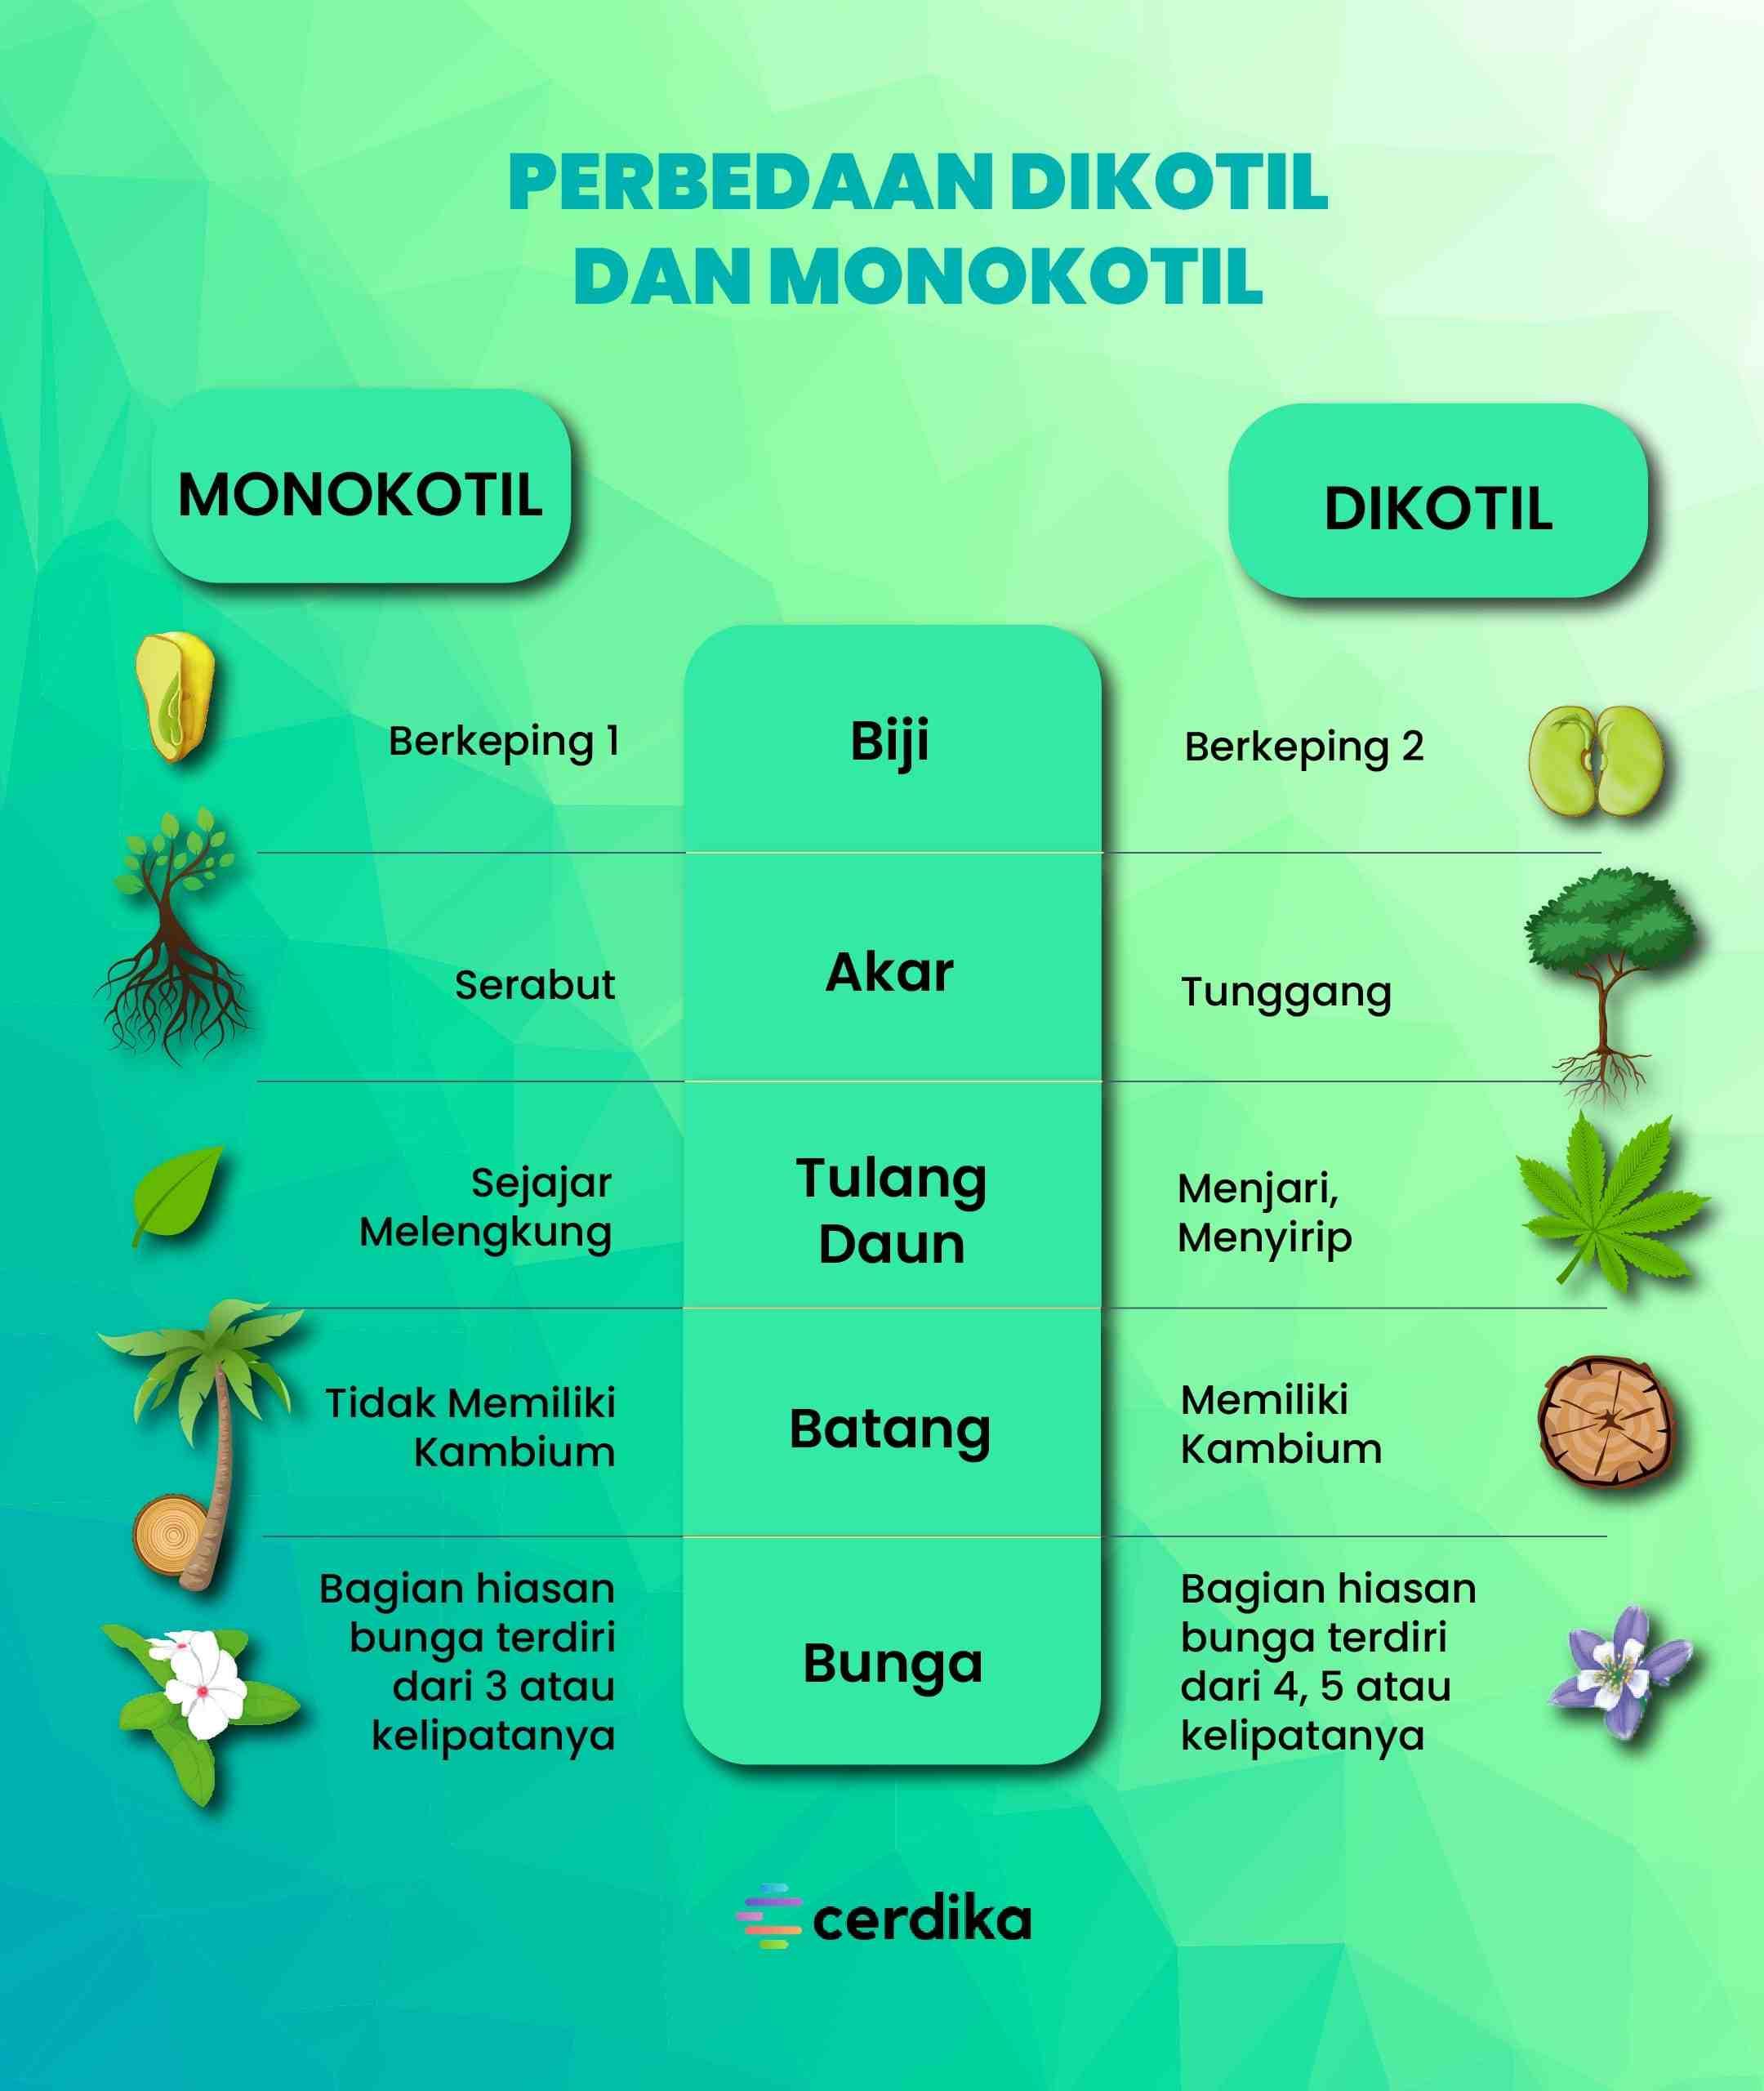 infografis perbedaan dikotil dan monokotil